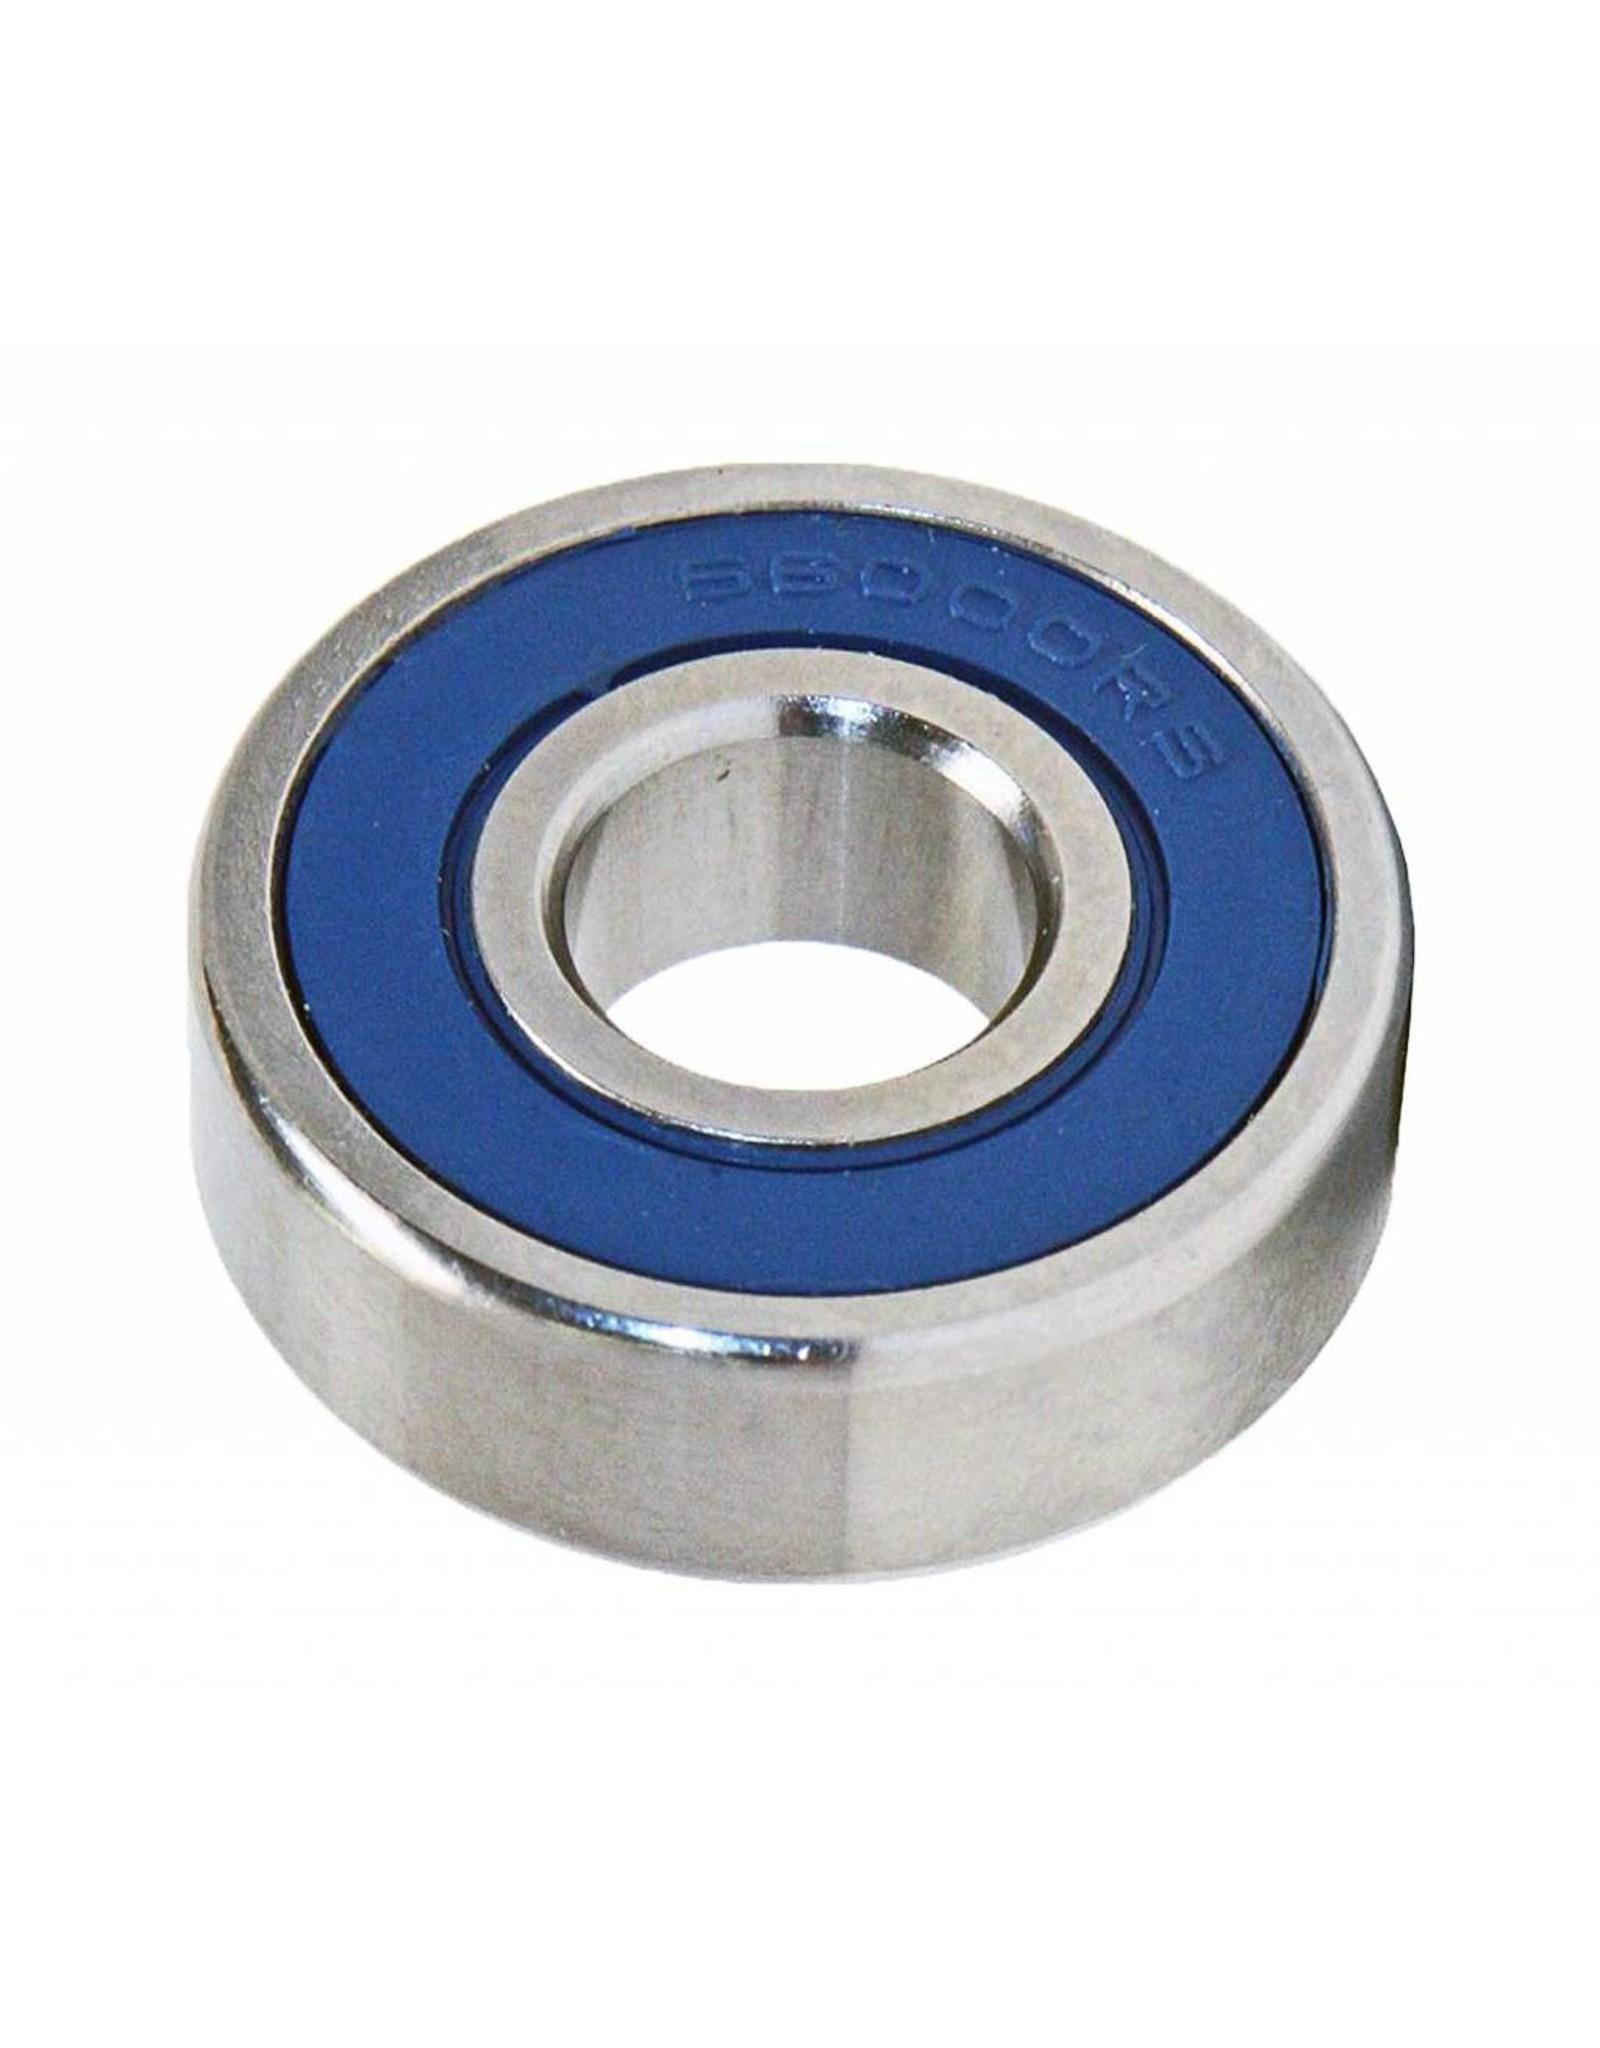 WHEELS MANUFACTURING Wheels Manufacturing Sealed Bearing 6000-2RS Pair